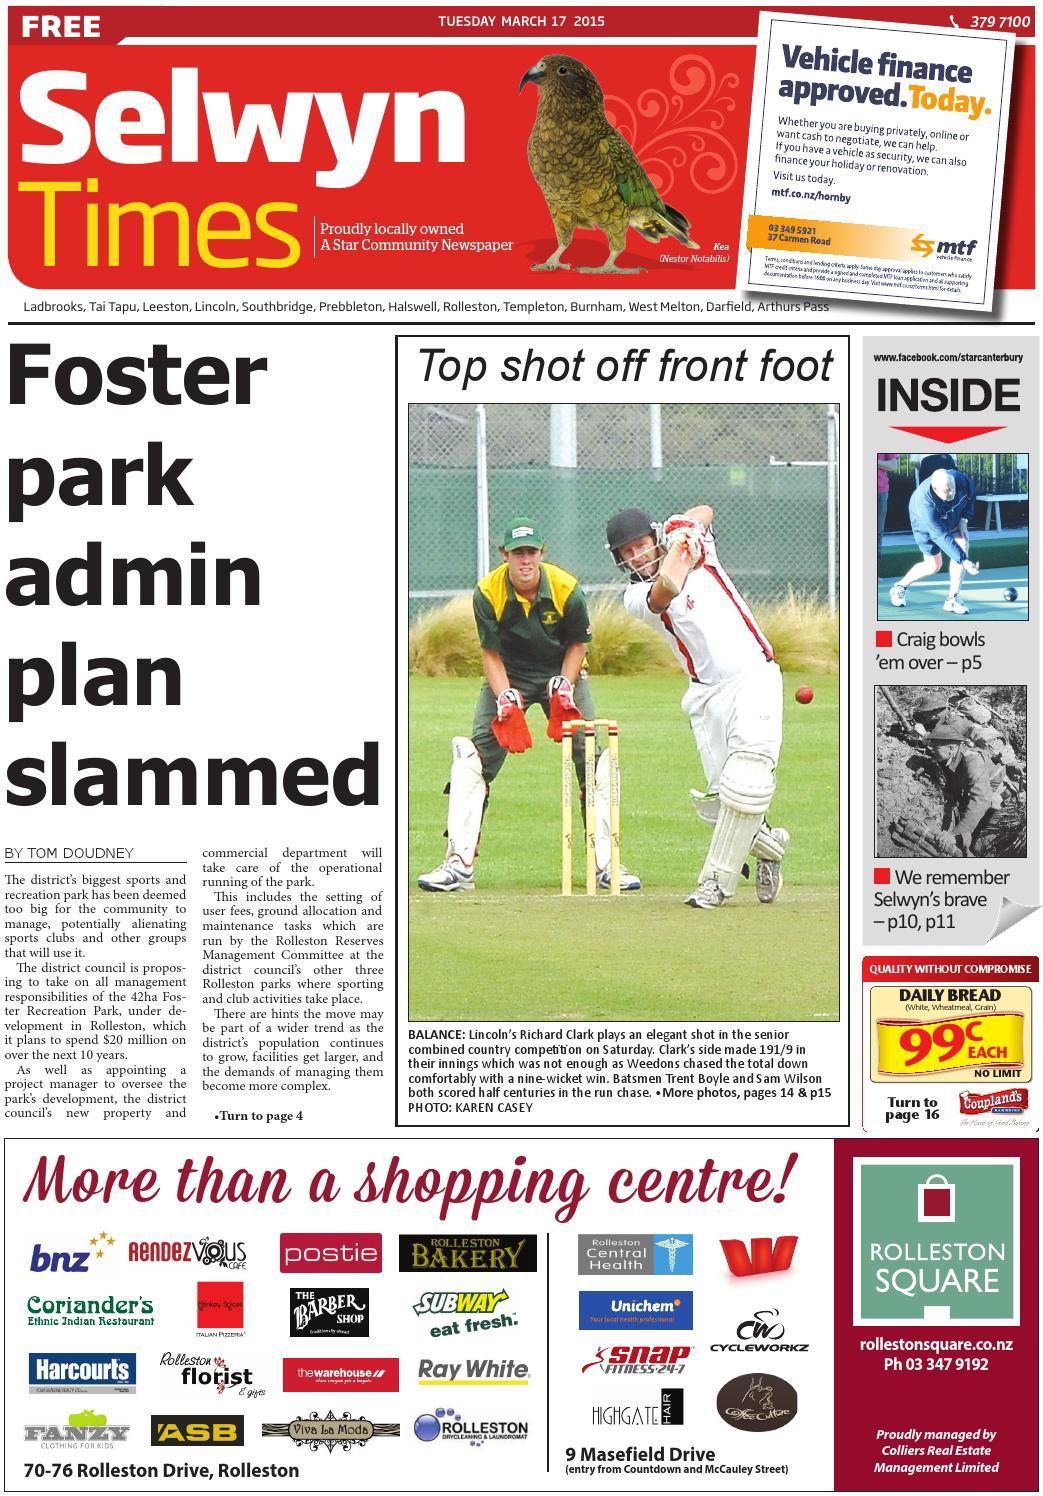 ab09b0fdb9a1c Selwyn Times 17-03-15 by Local Newspapers - issuu